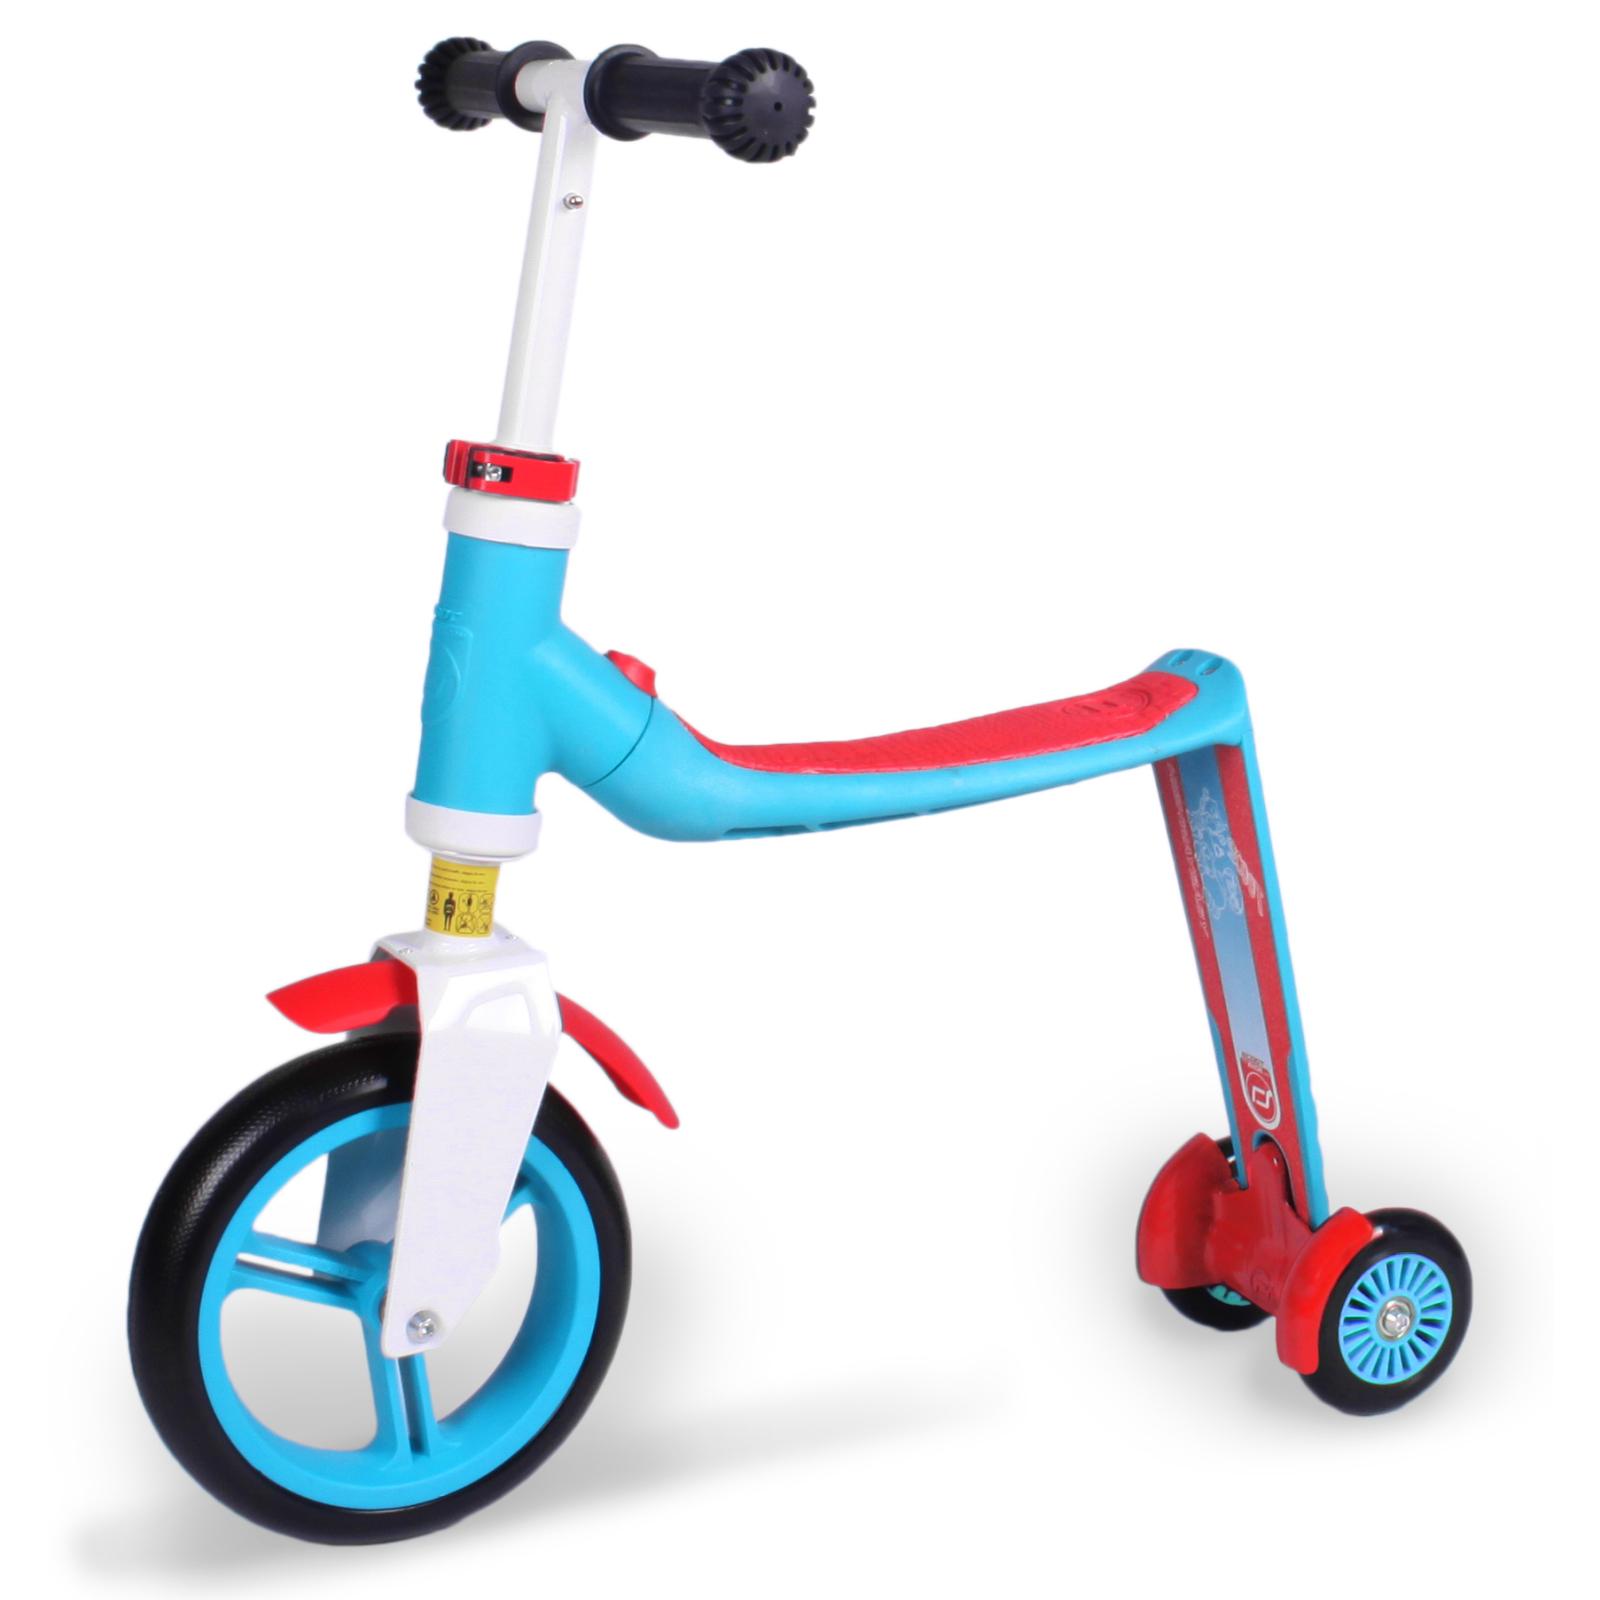 Самокат Scoot&Ride Highwaybaby+ сине-красный (SR-216272-BLUE-RED) изображение 4